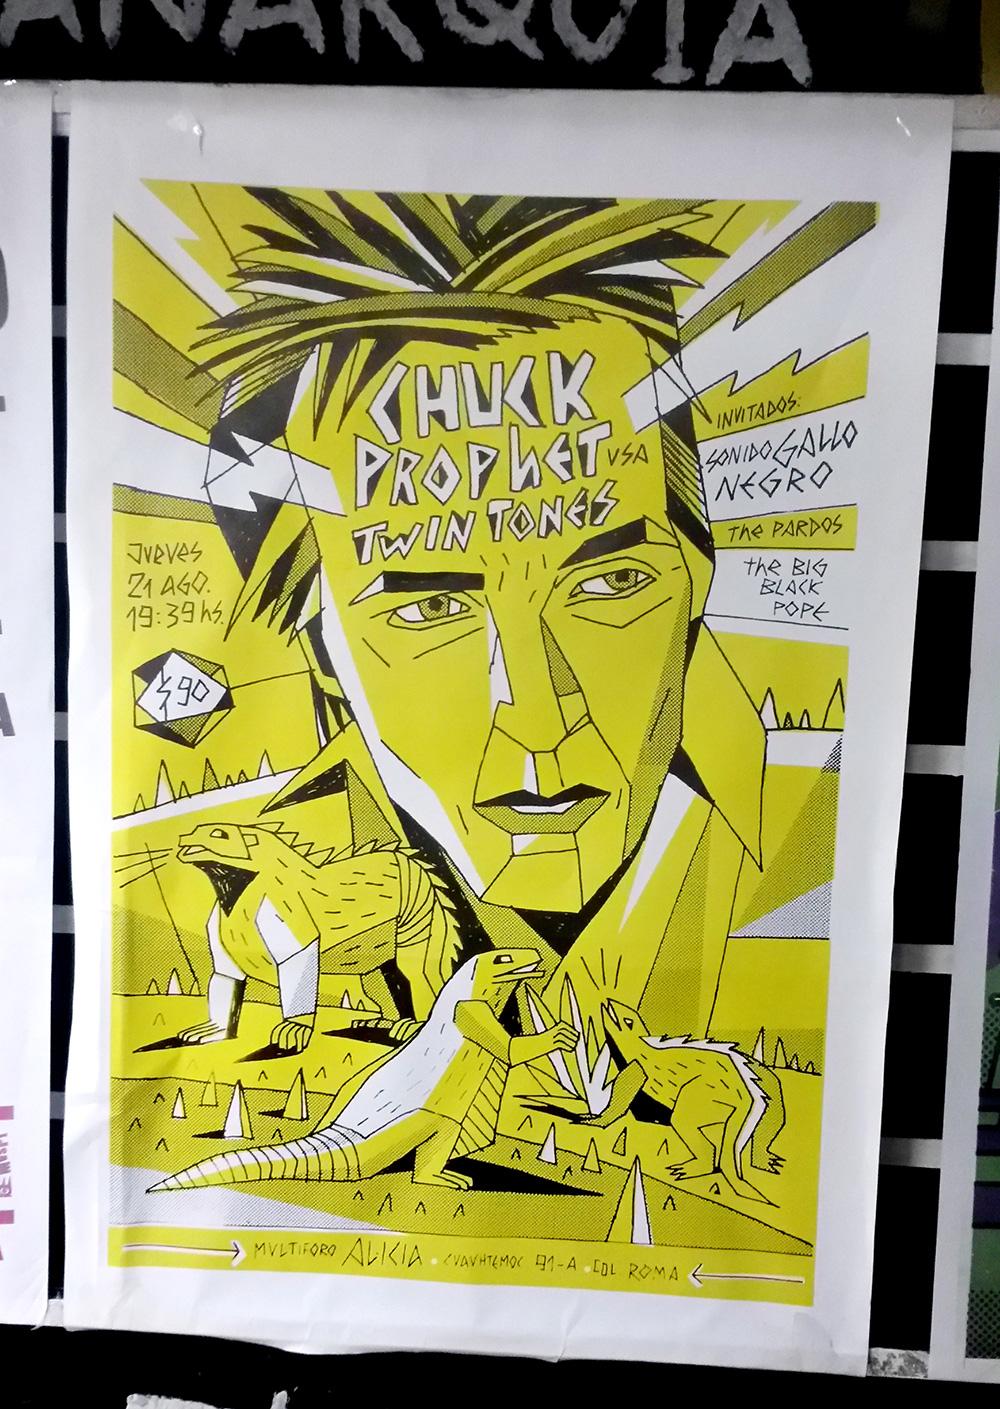 chuck-prophet